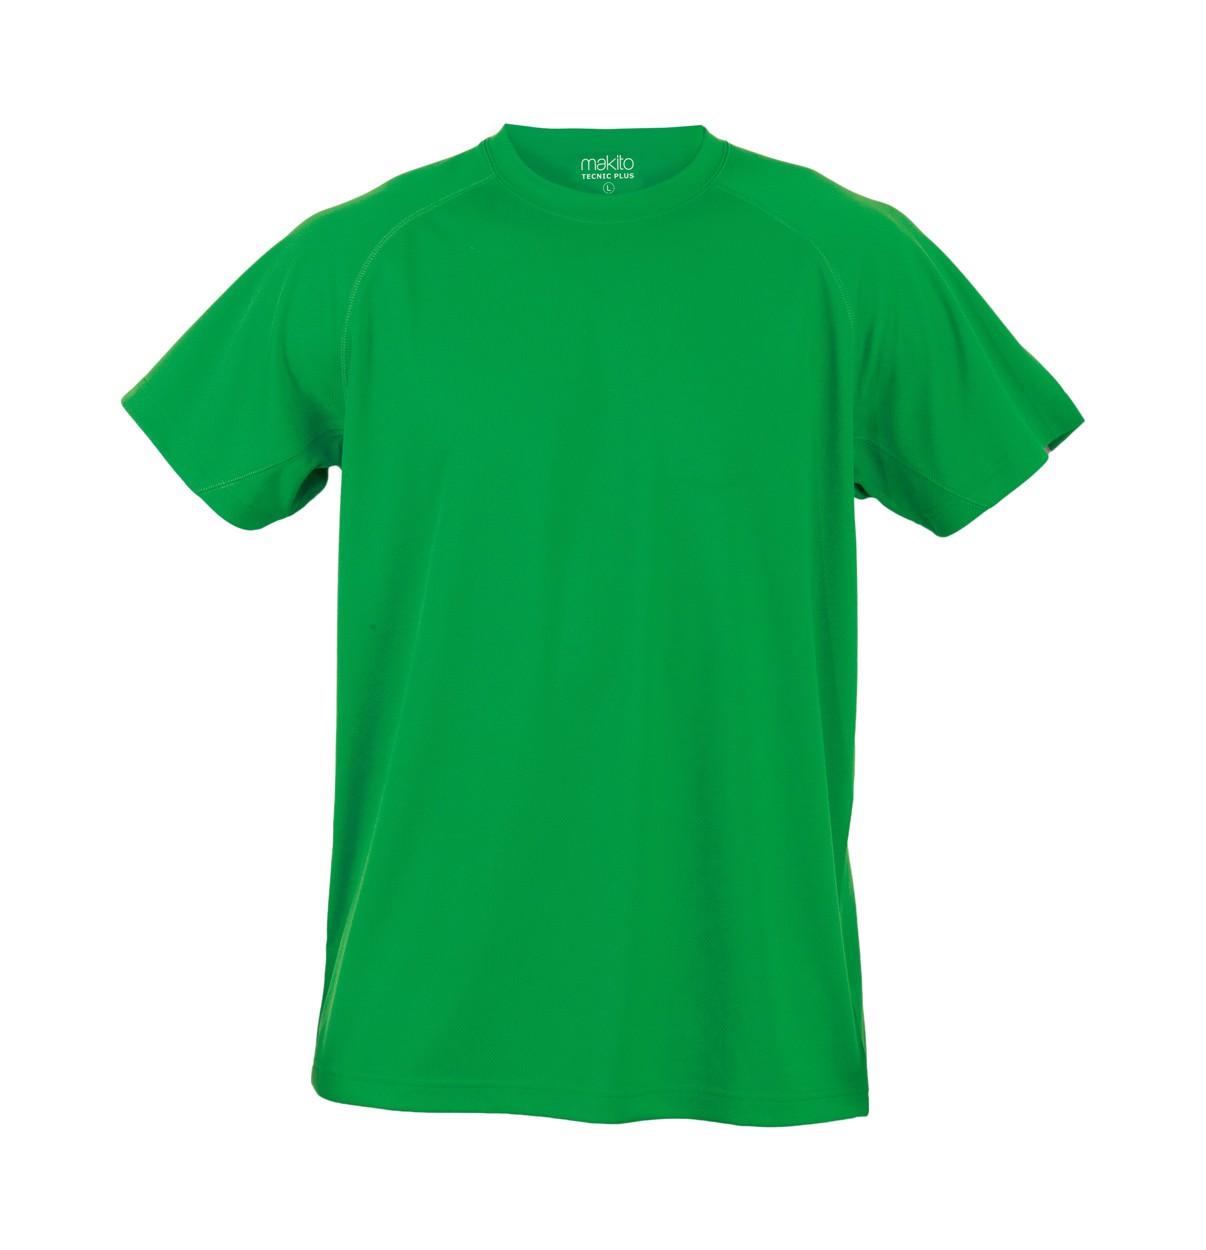 Sportovní Tričko Tecnic Plus T - Zelená / XL